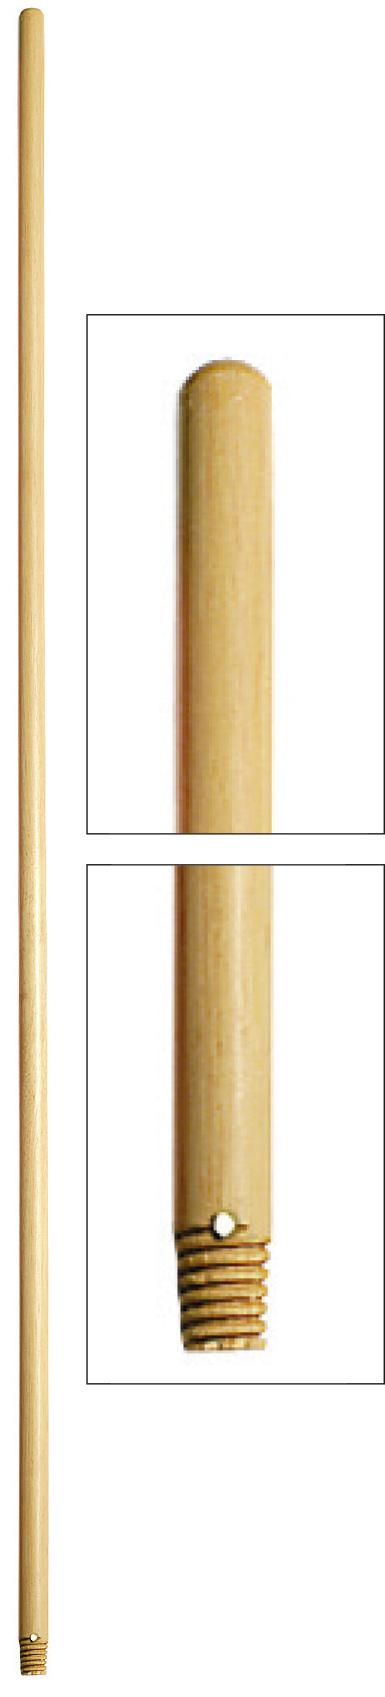 CABO DE MADEIRA 24mm C/ROSCA E FURO - 150cm